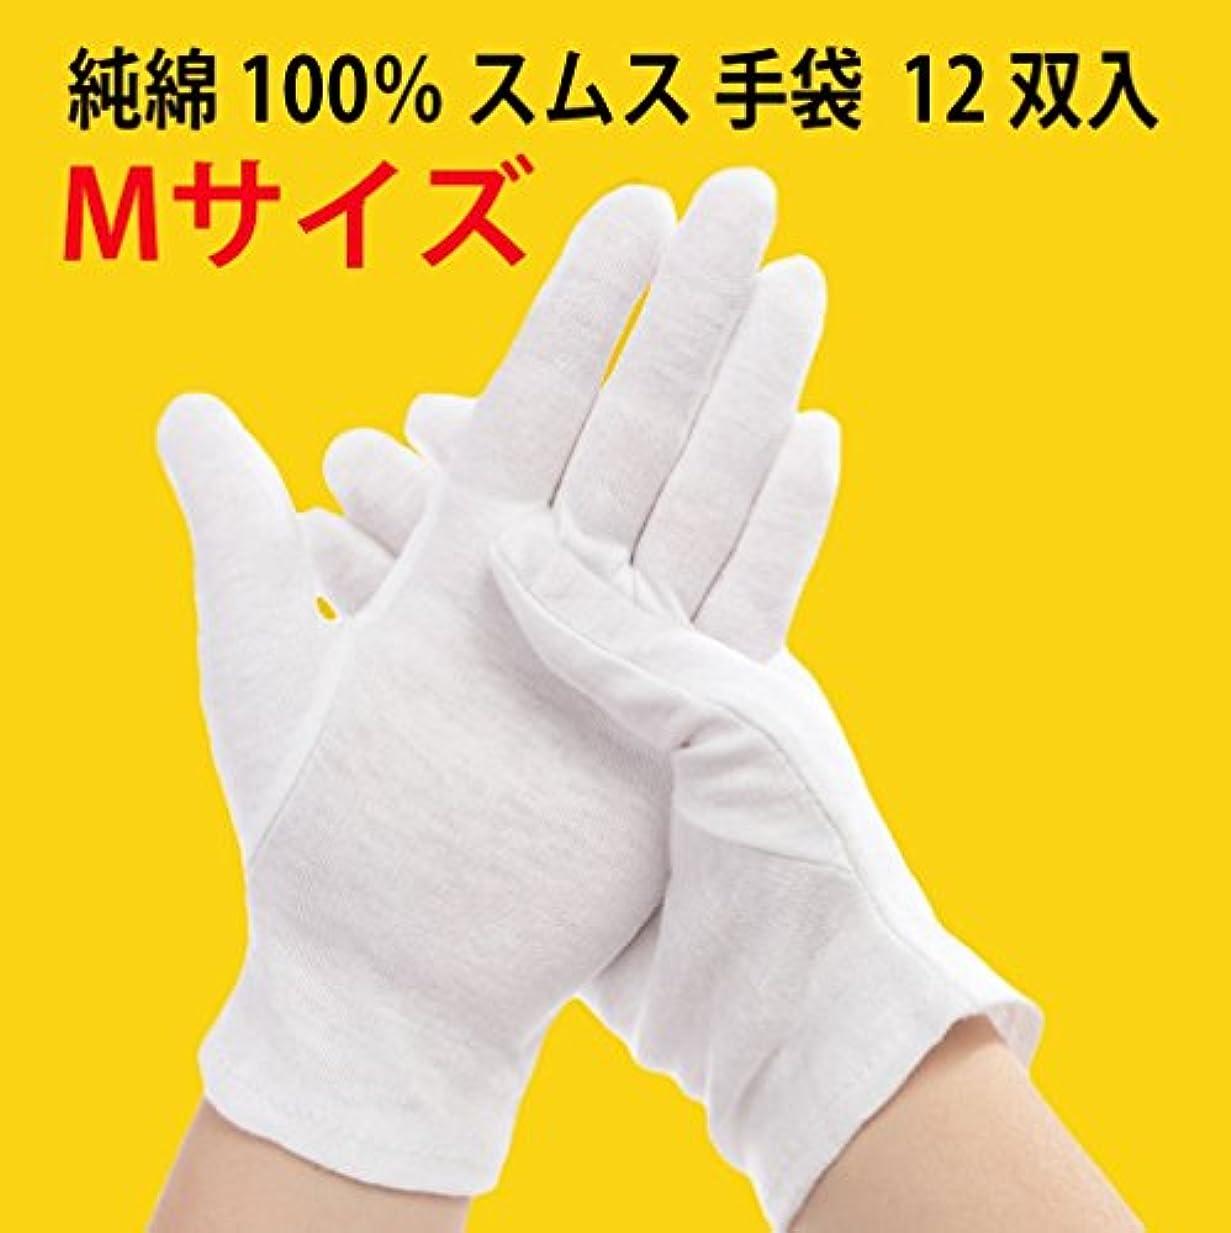 ハグ排除する未就学純綿100% スムス 手袋 Mサイズ 12双 多用途 101115